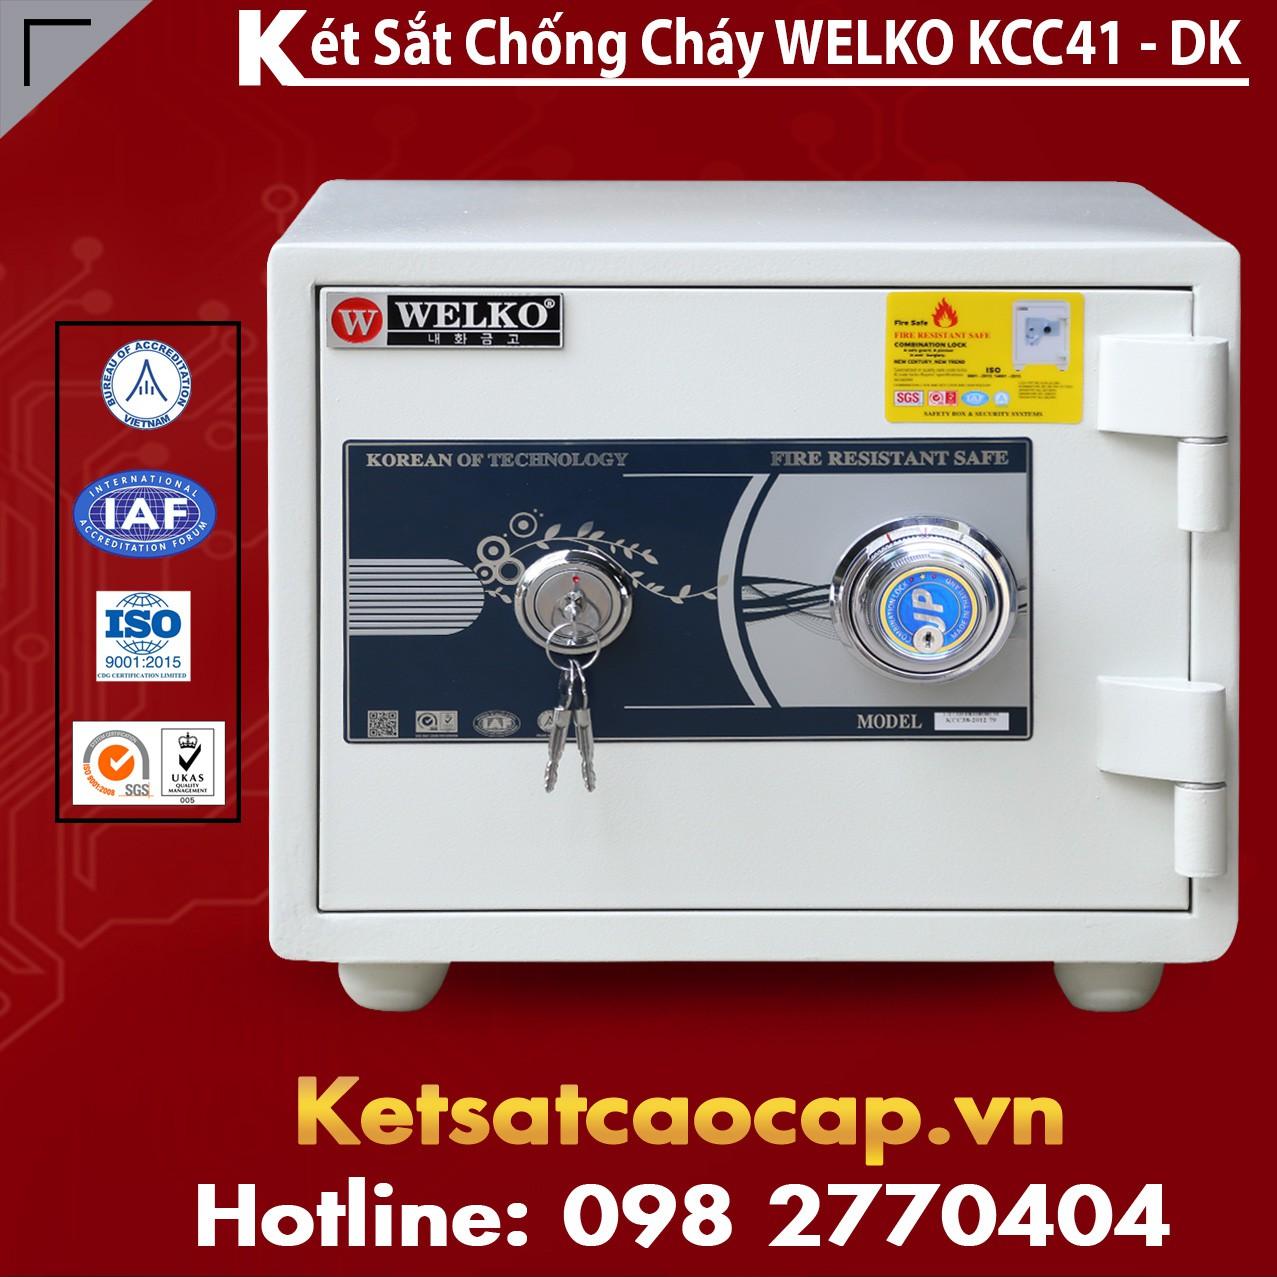 Két Sắt Sài Gòn KCC41 - DK